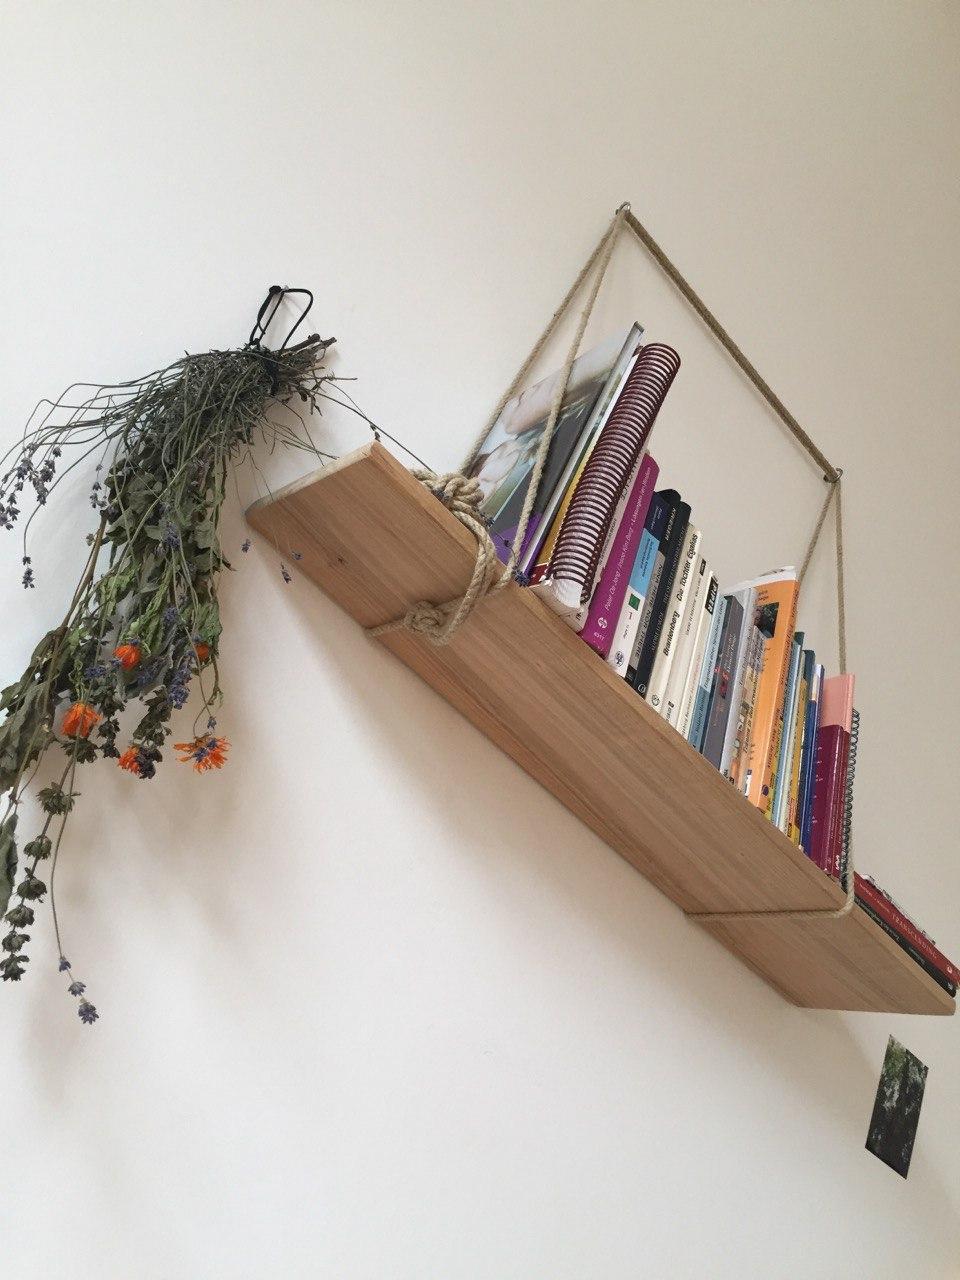 Bücherregal mit Hanfseil-Aufhängung